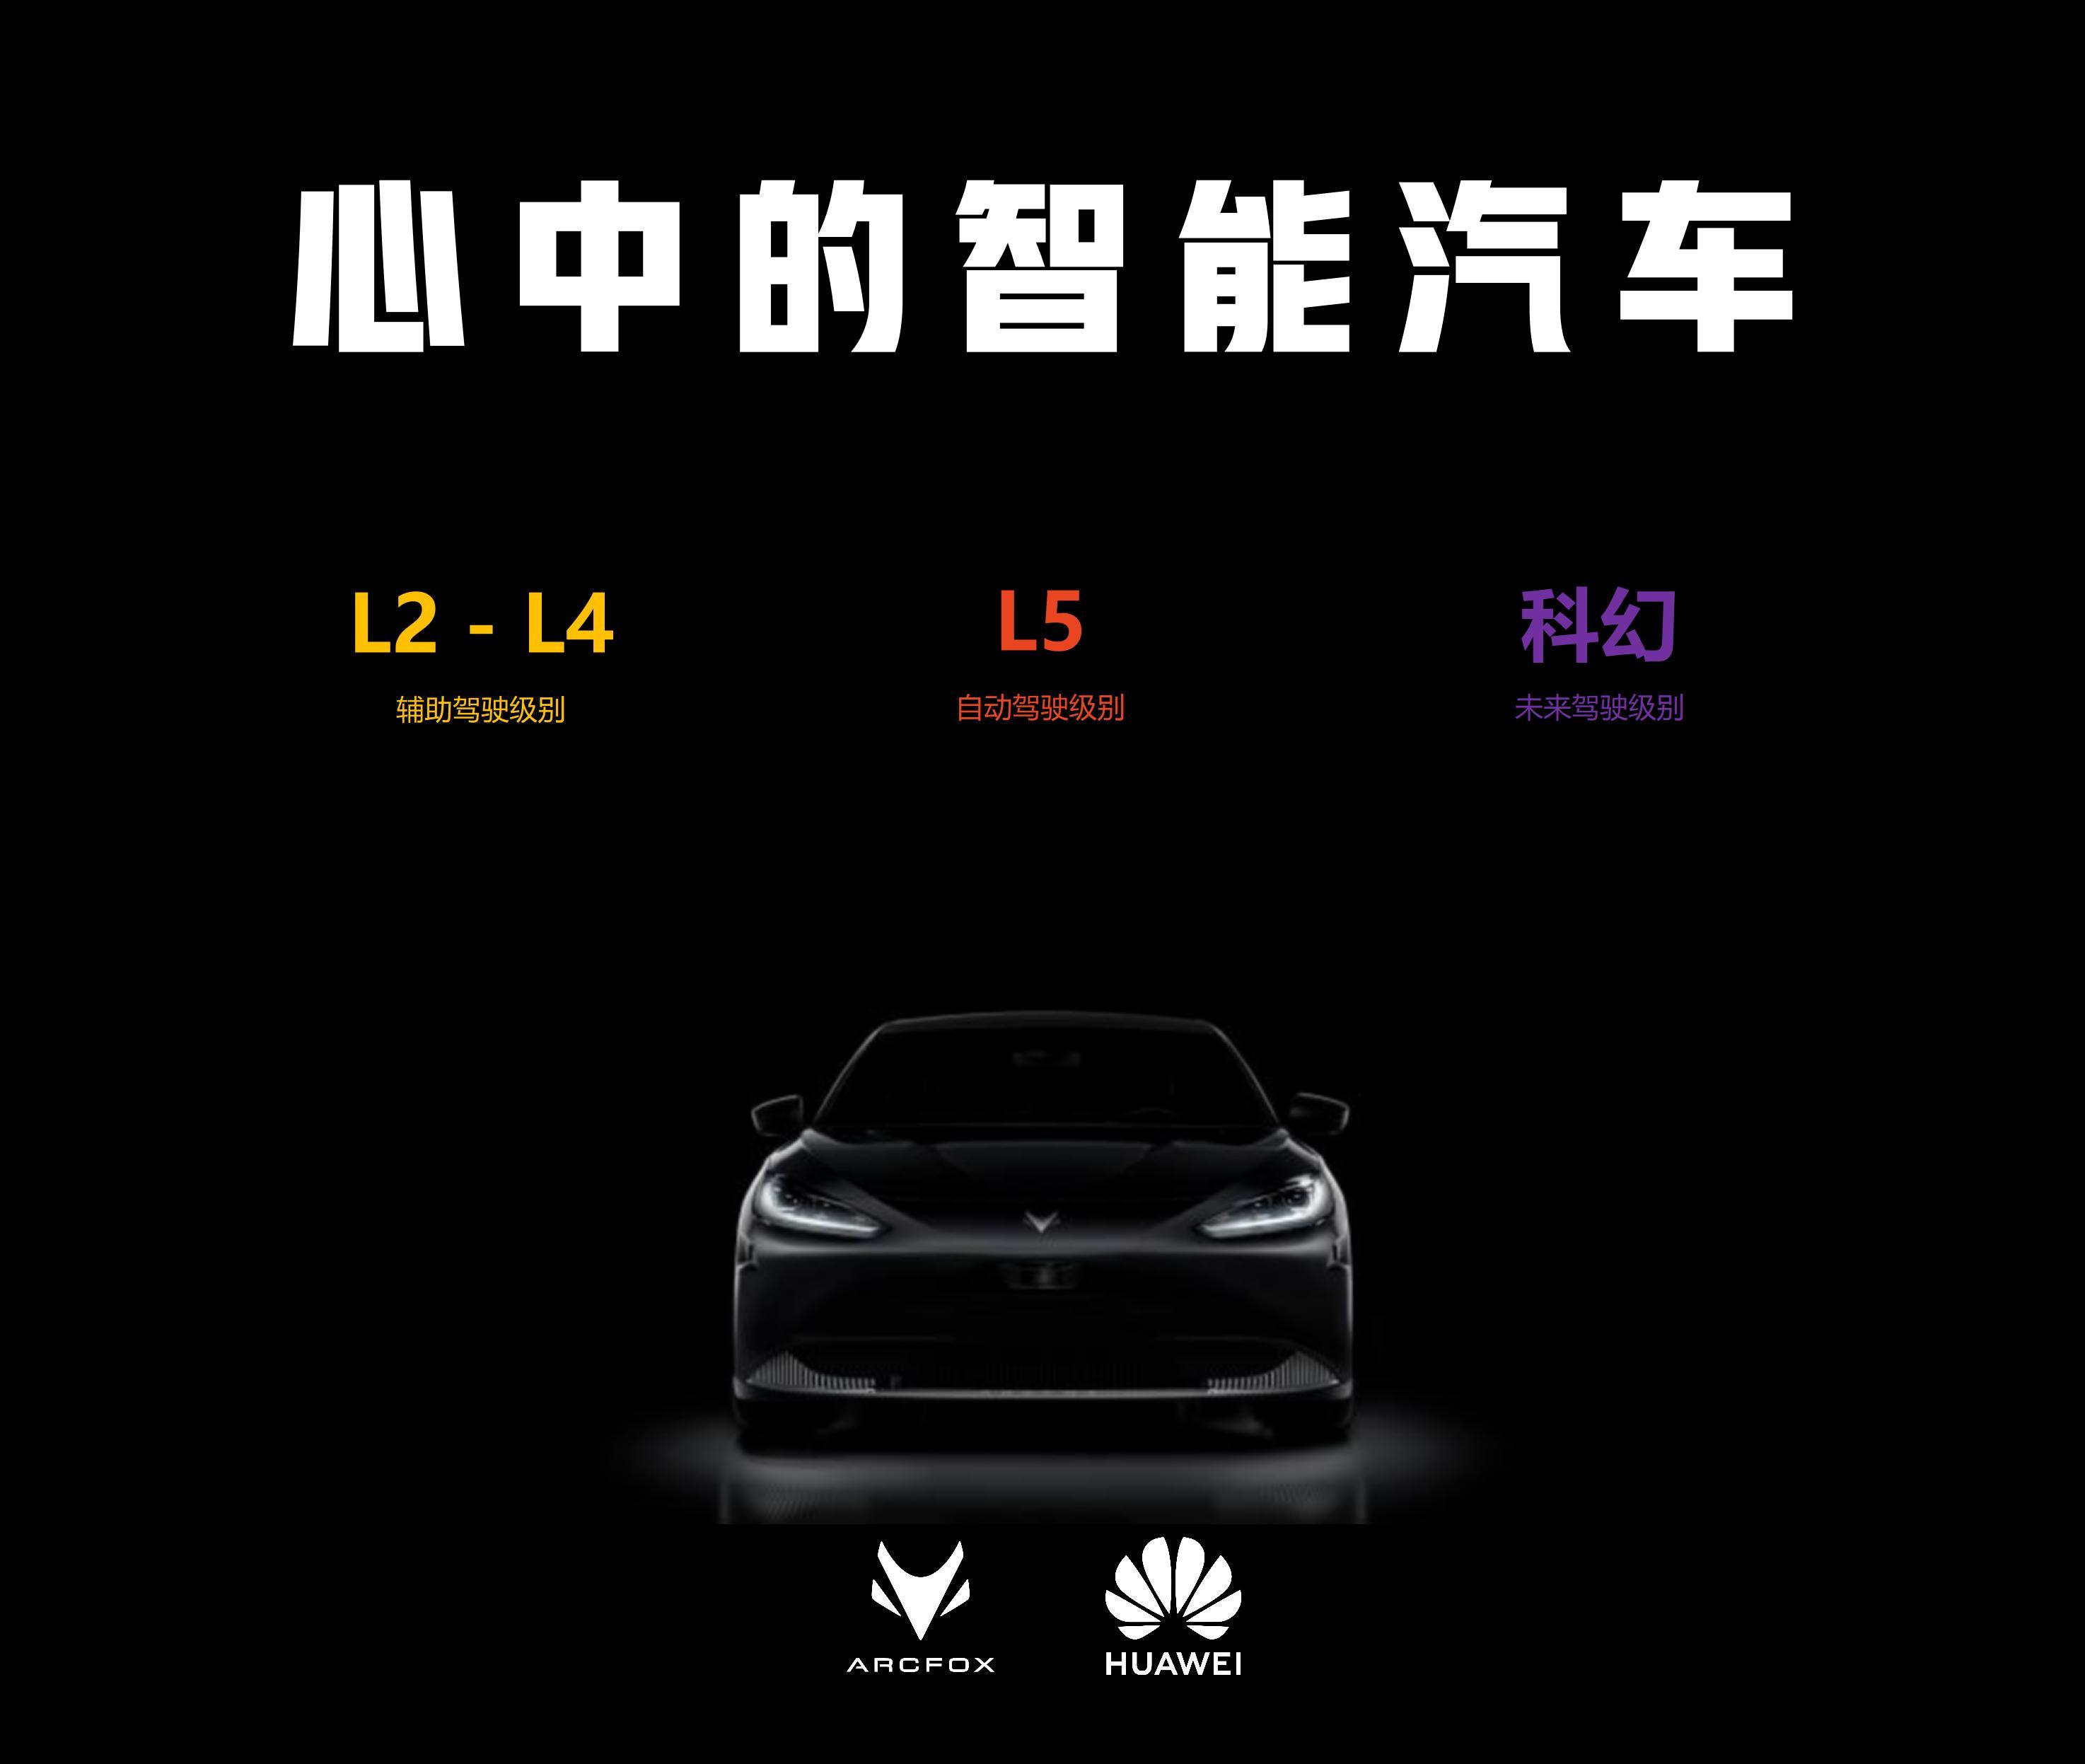 心中理想的新能源汽车_01.jpg